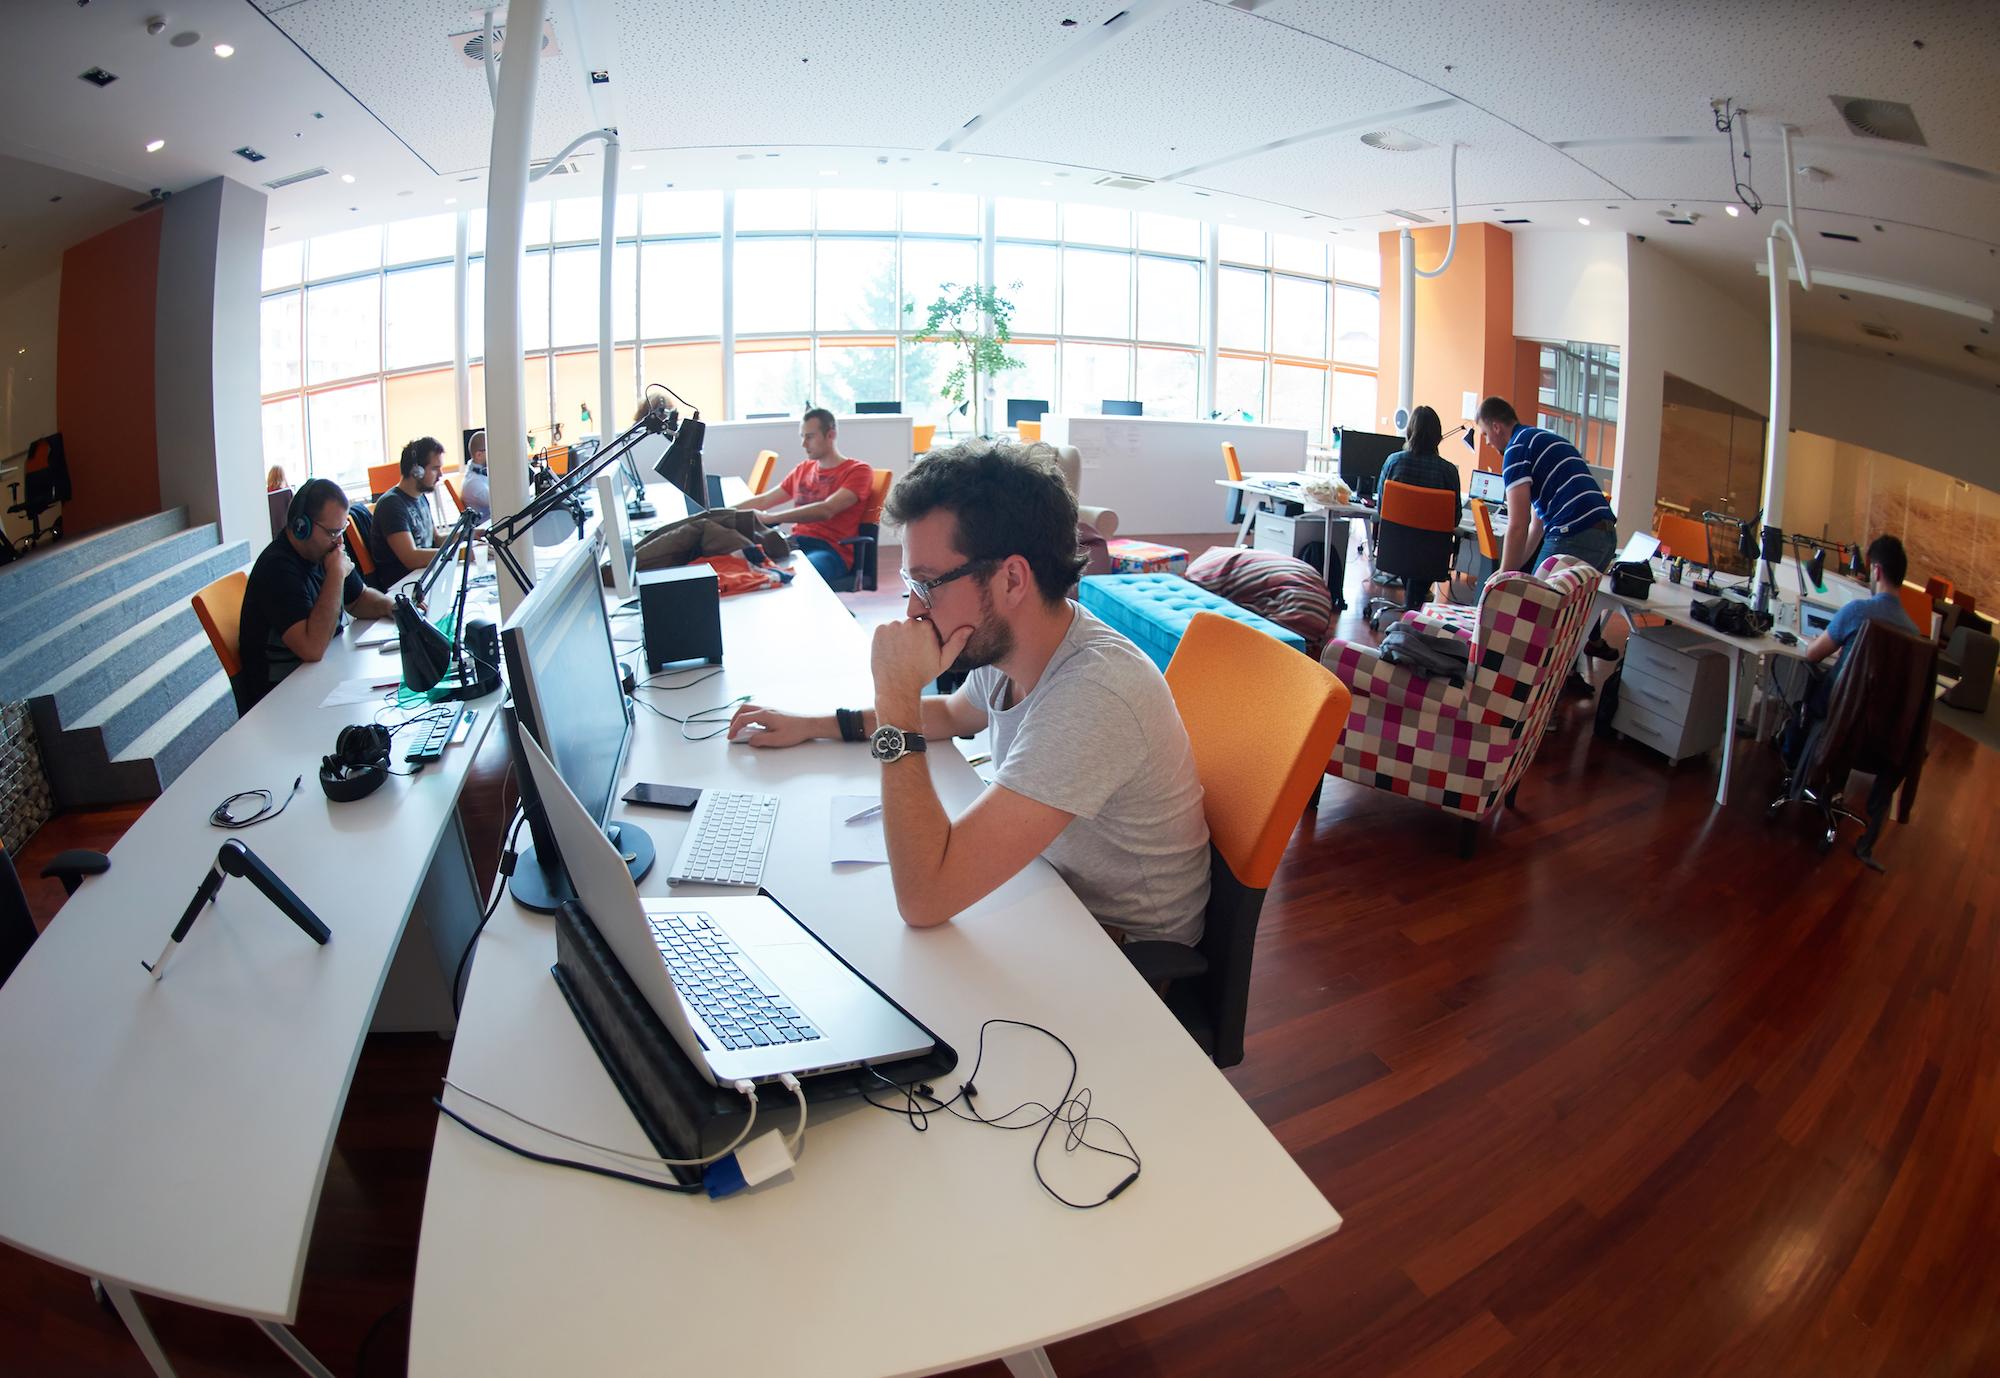 Praca w przestrzeniach open space będzie musiała się zmienić (fot. Shutterstock)